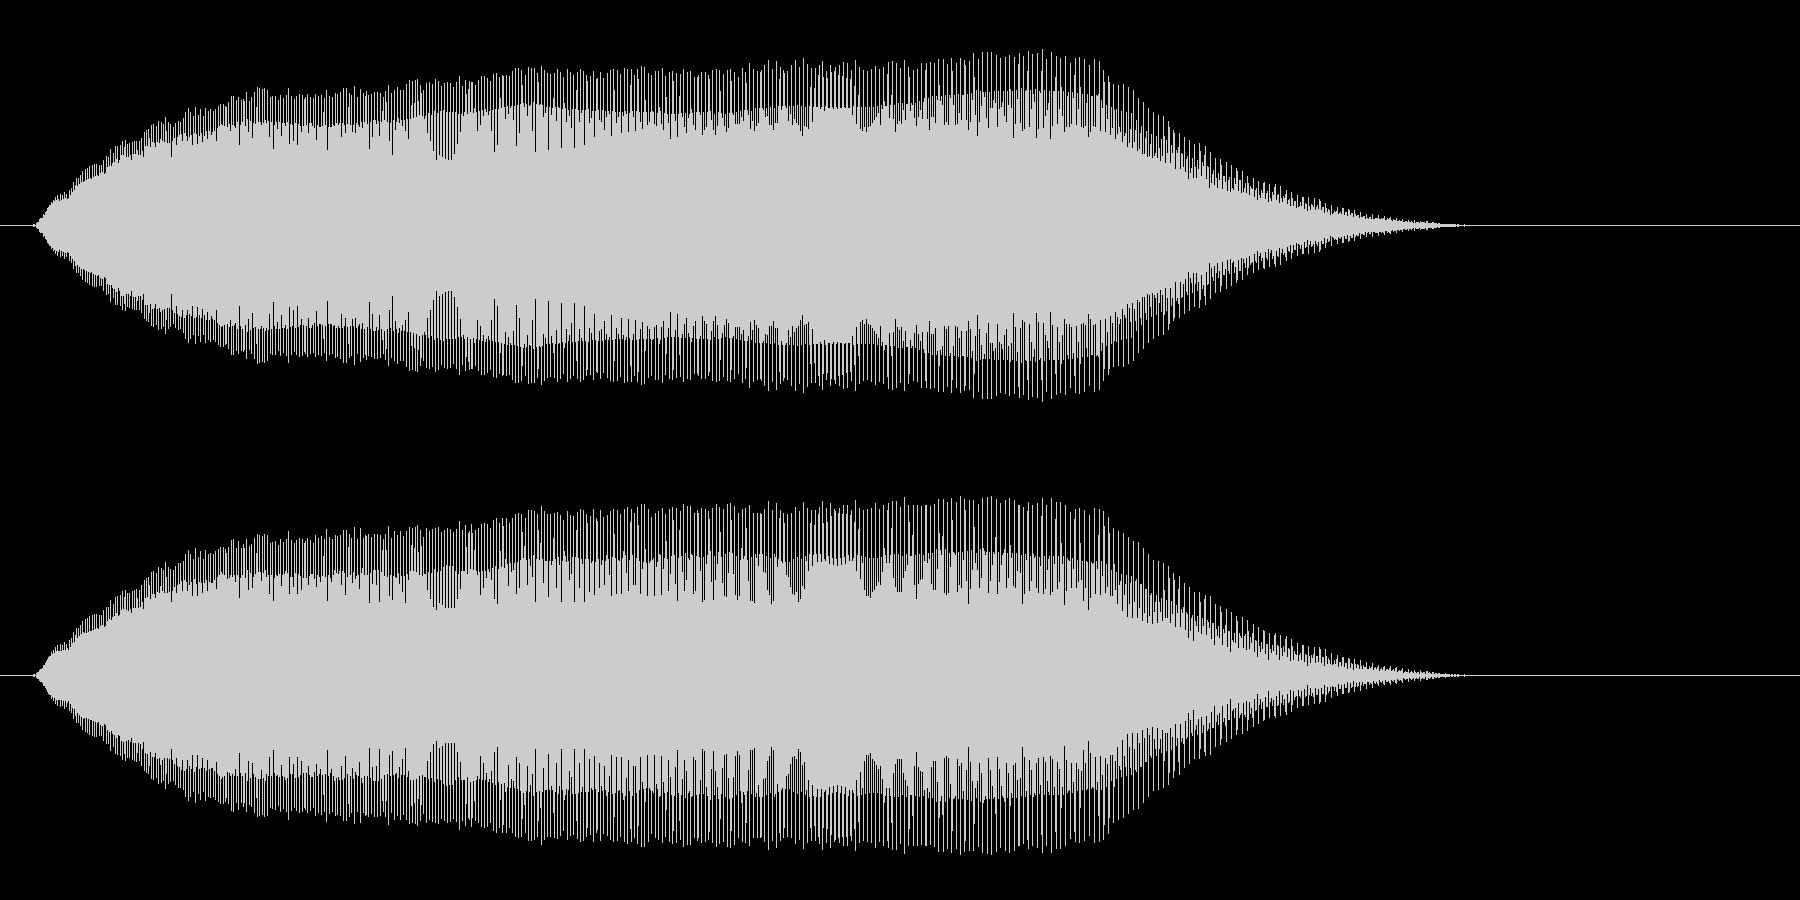 ピュゥゥ〜ン(飛ぶ音)の未再生の波形